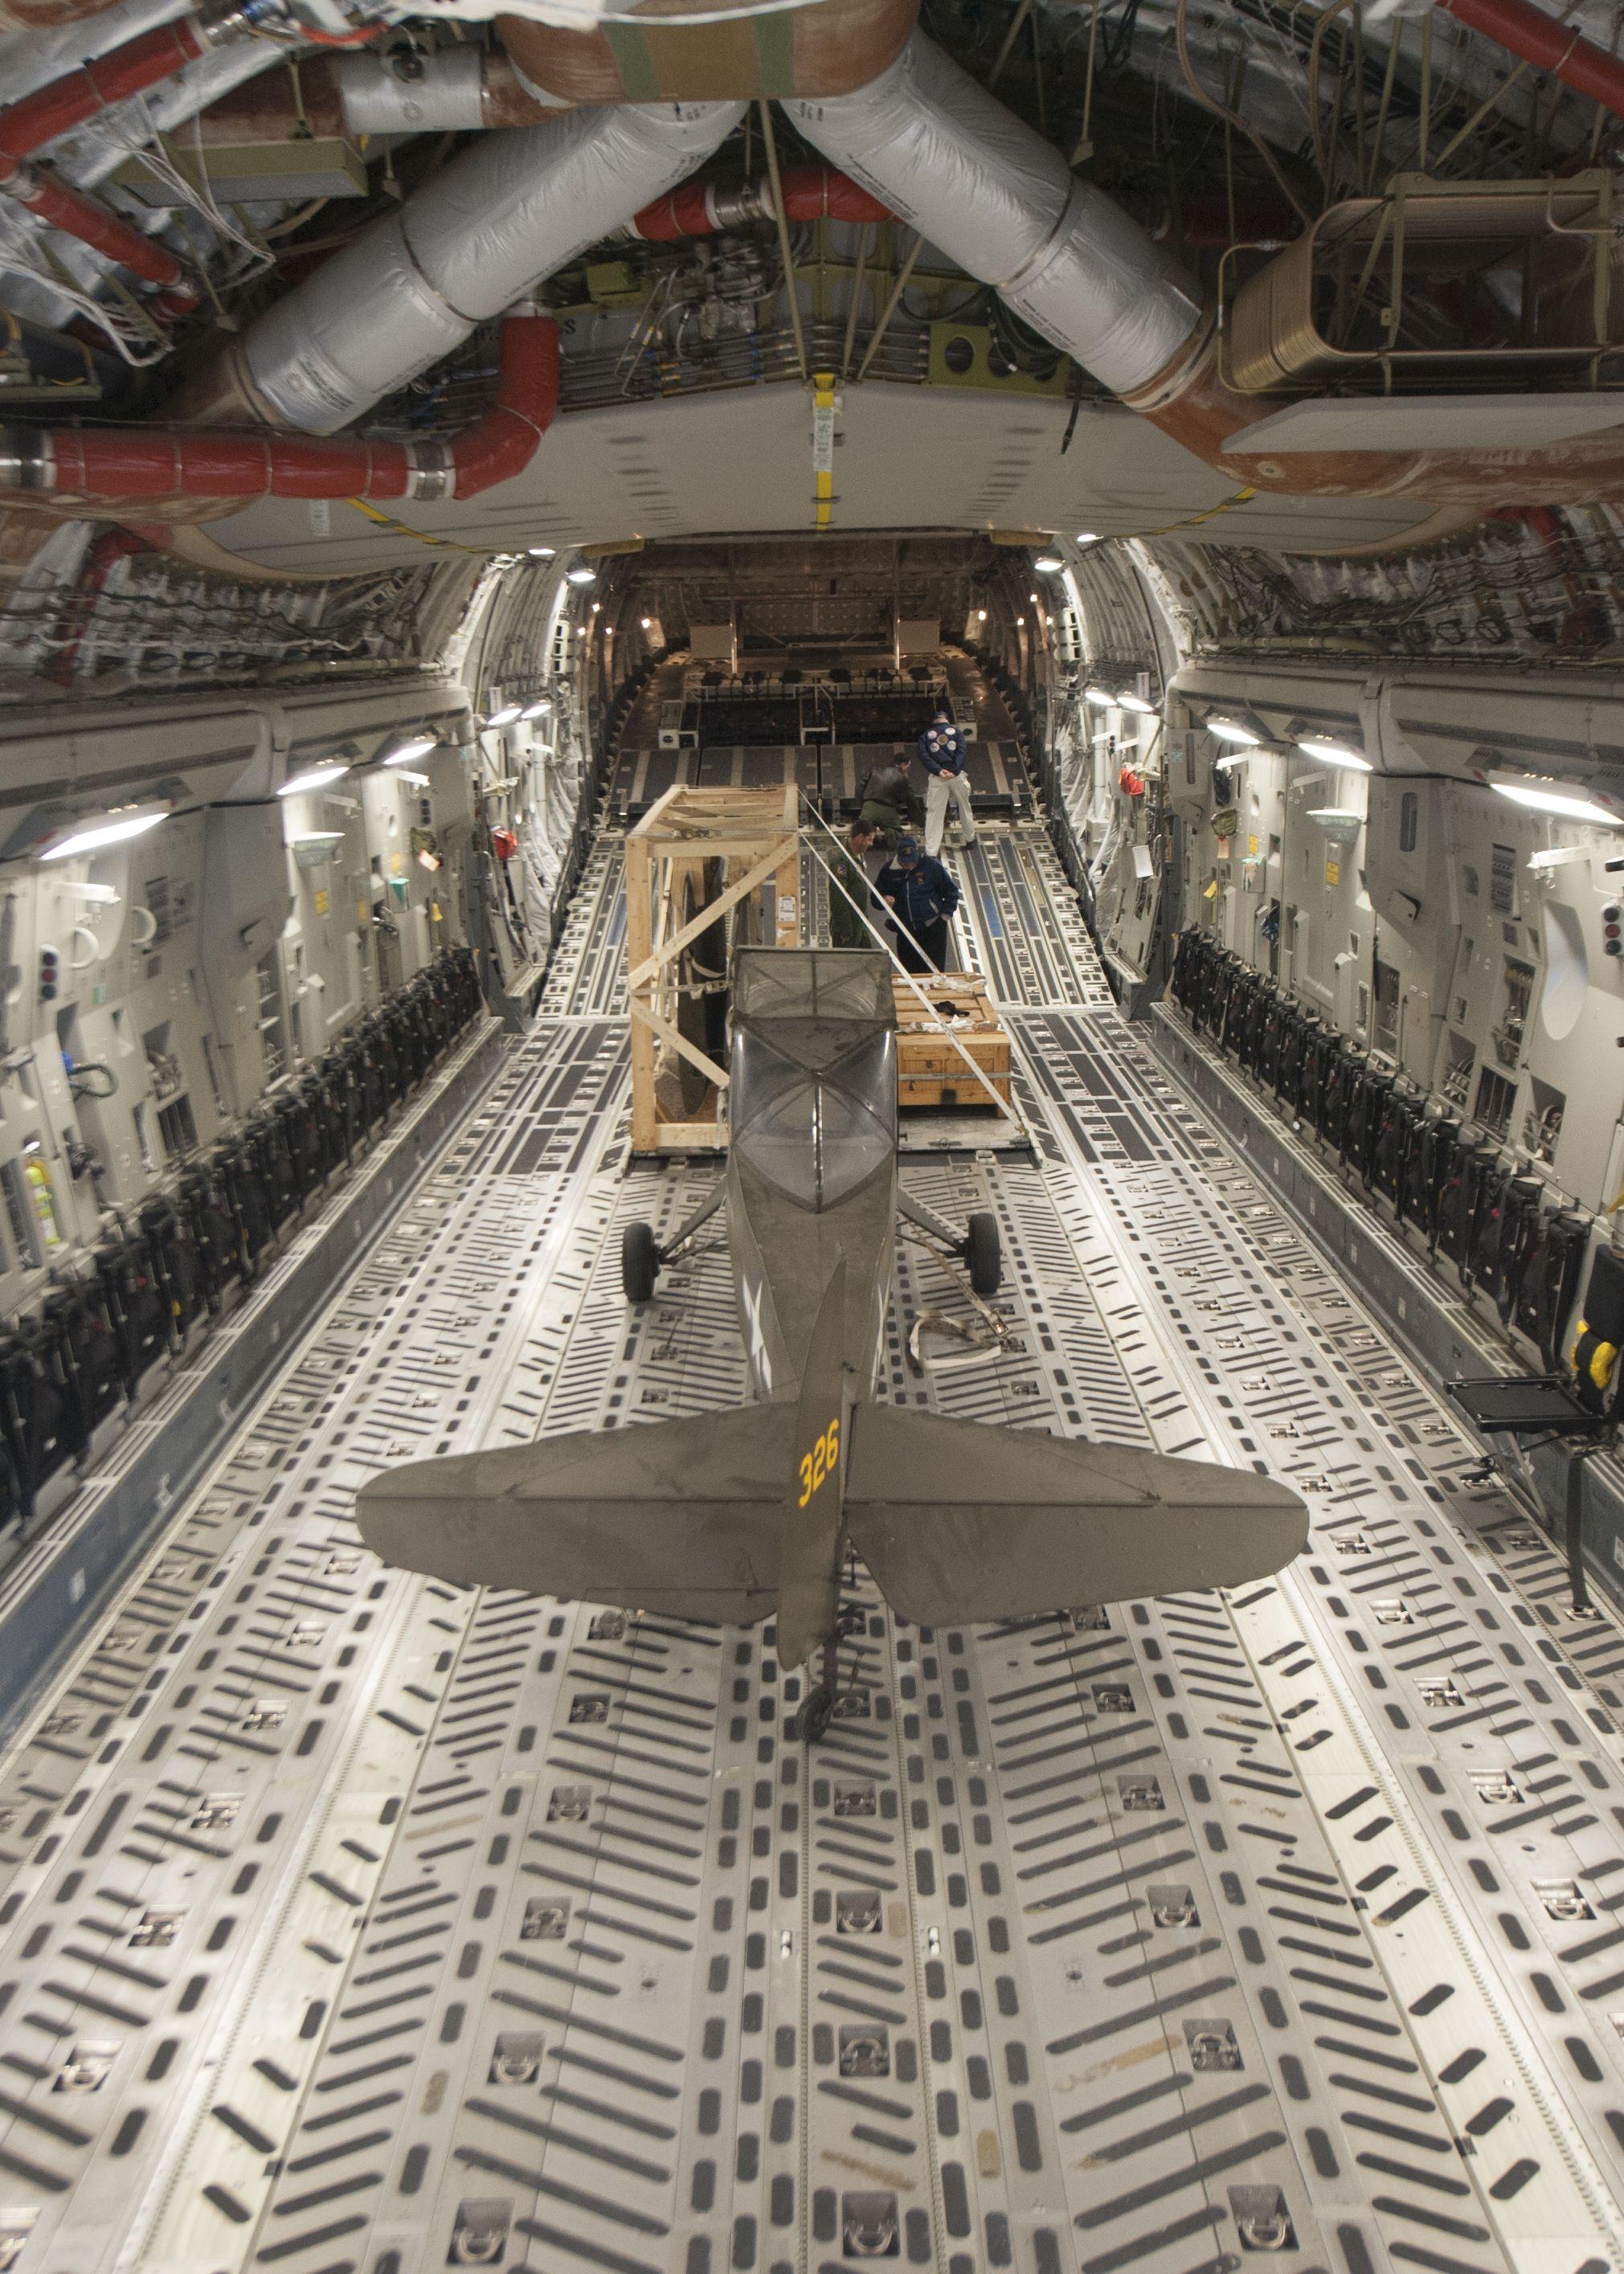 A palletized Taylorcraft L2M sits inside